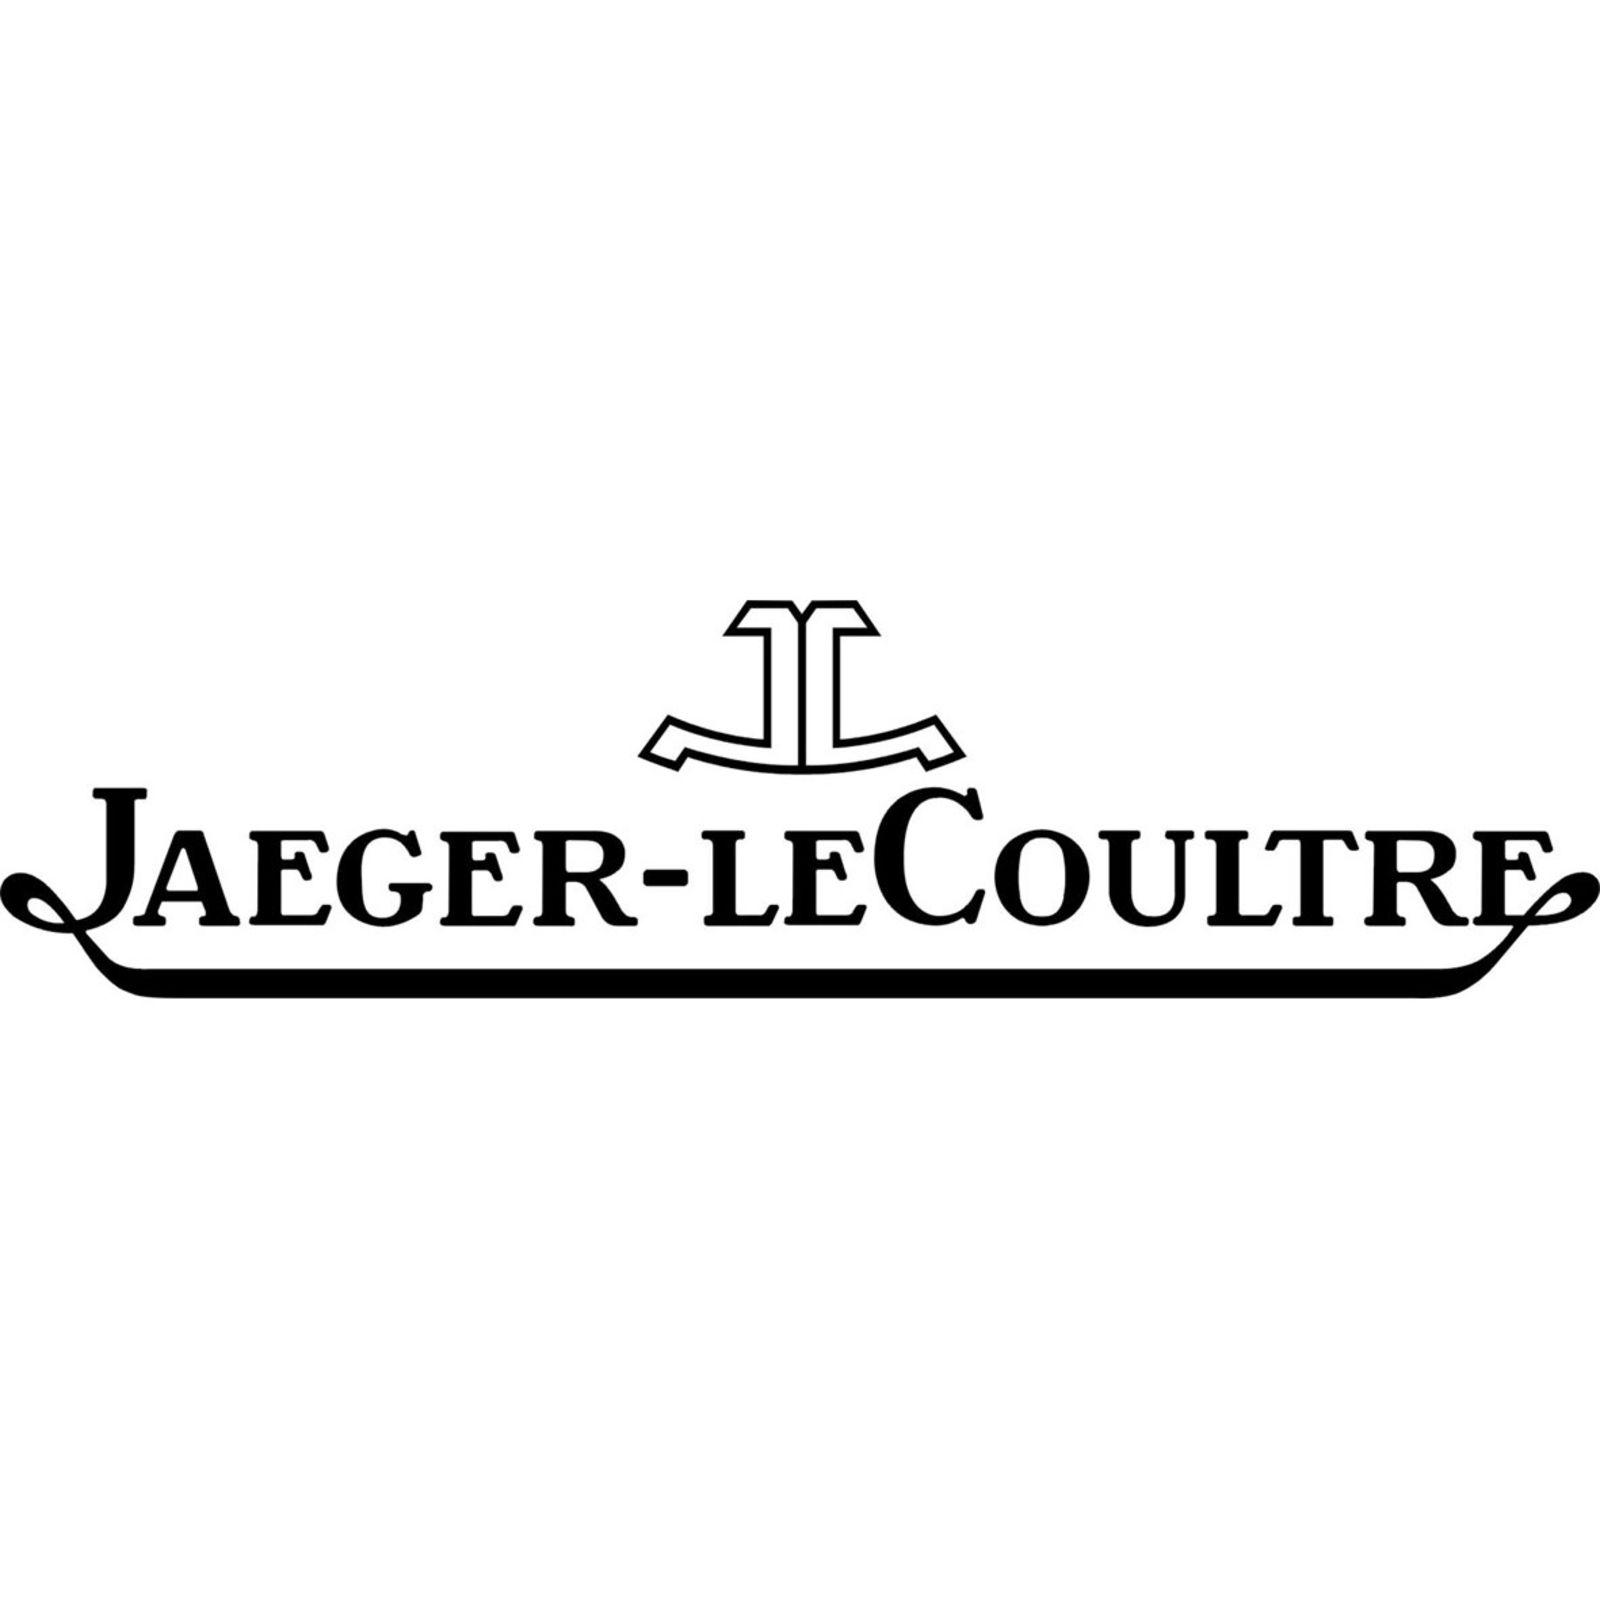 JAEGER-LE COULTRE (Bild 1)